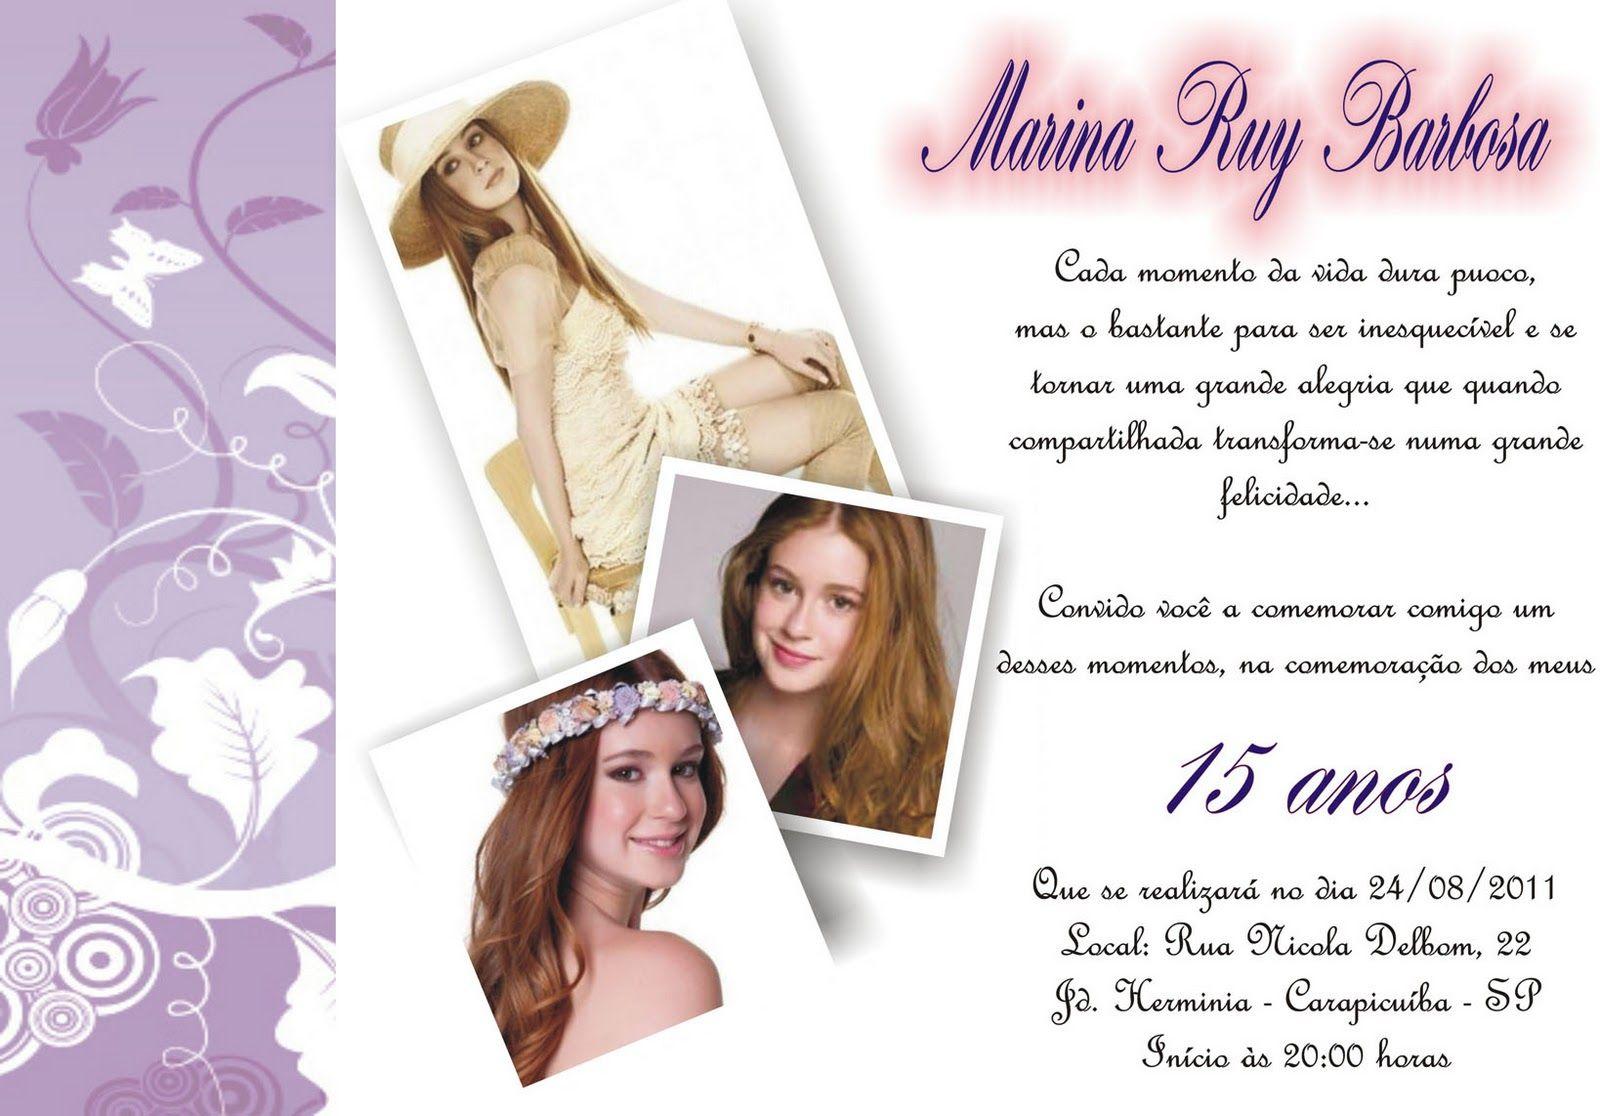 Aniversário Confira Modelos De Frases Para Convite De Festa De 15